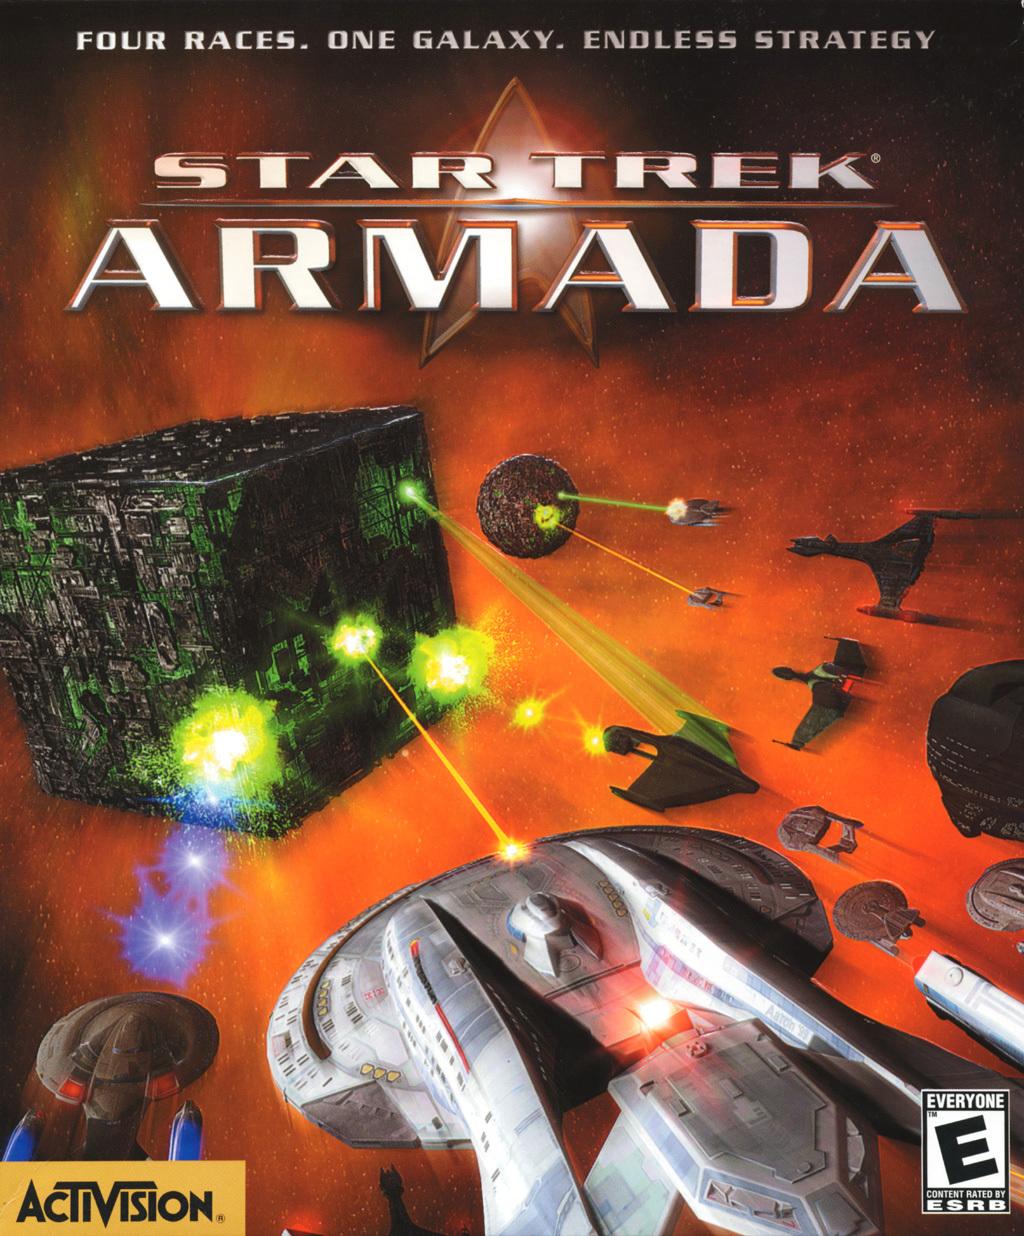 http://static.tvtropes.org/pmwiki/pub/images/star_trek_armada_cover.jpg